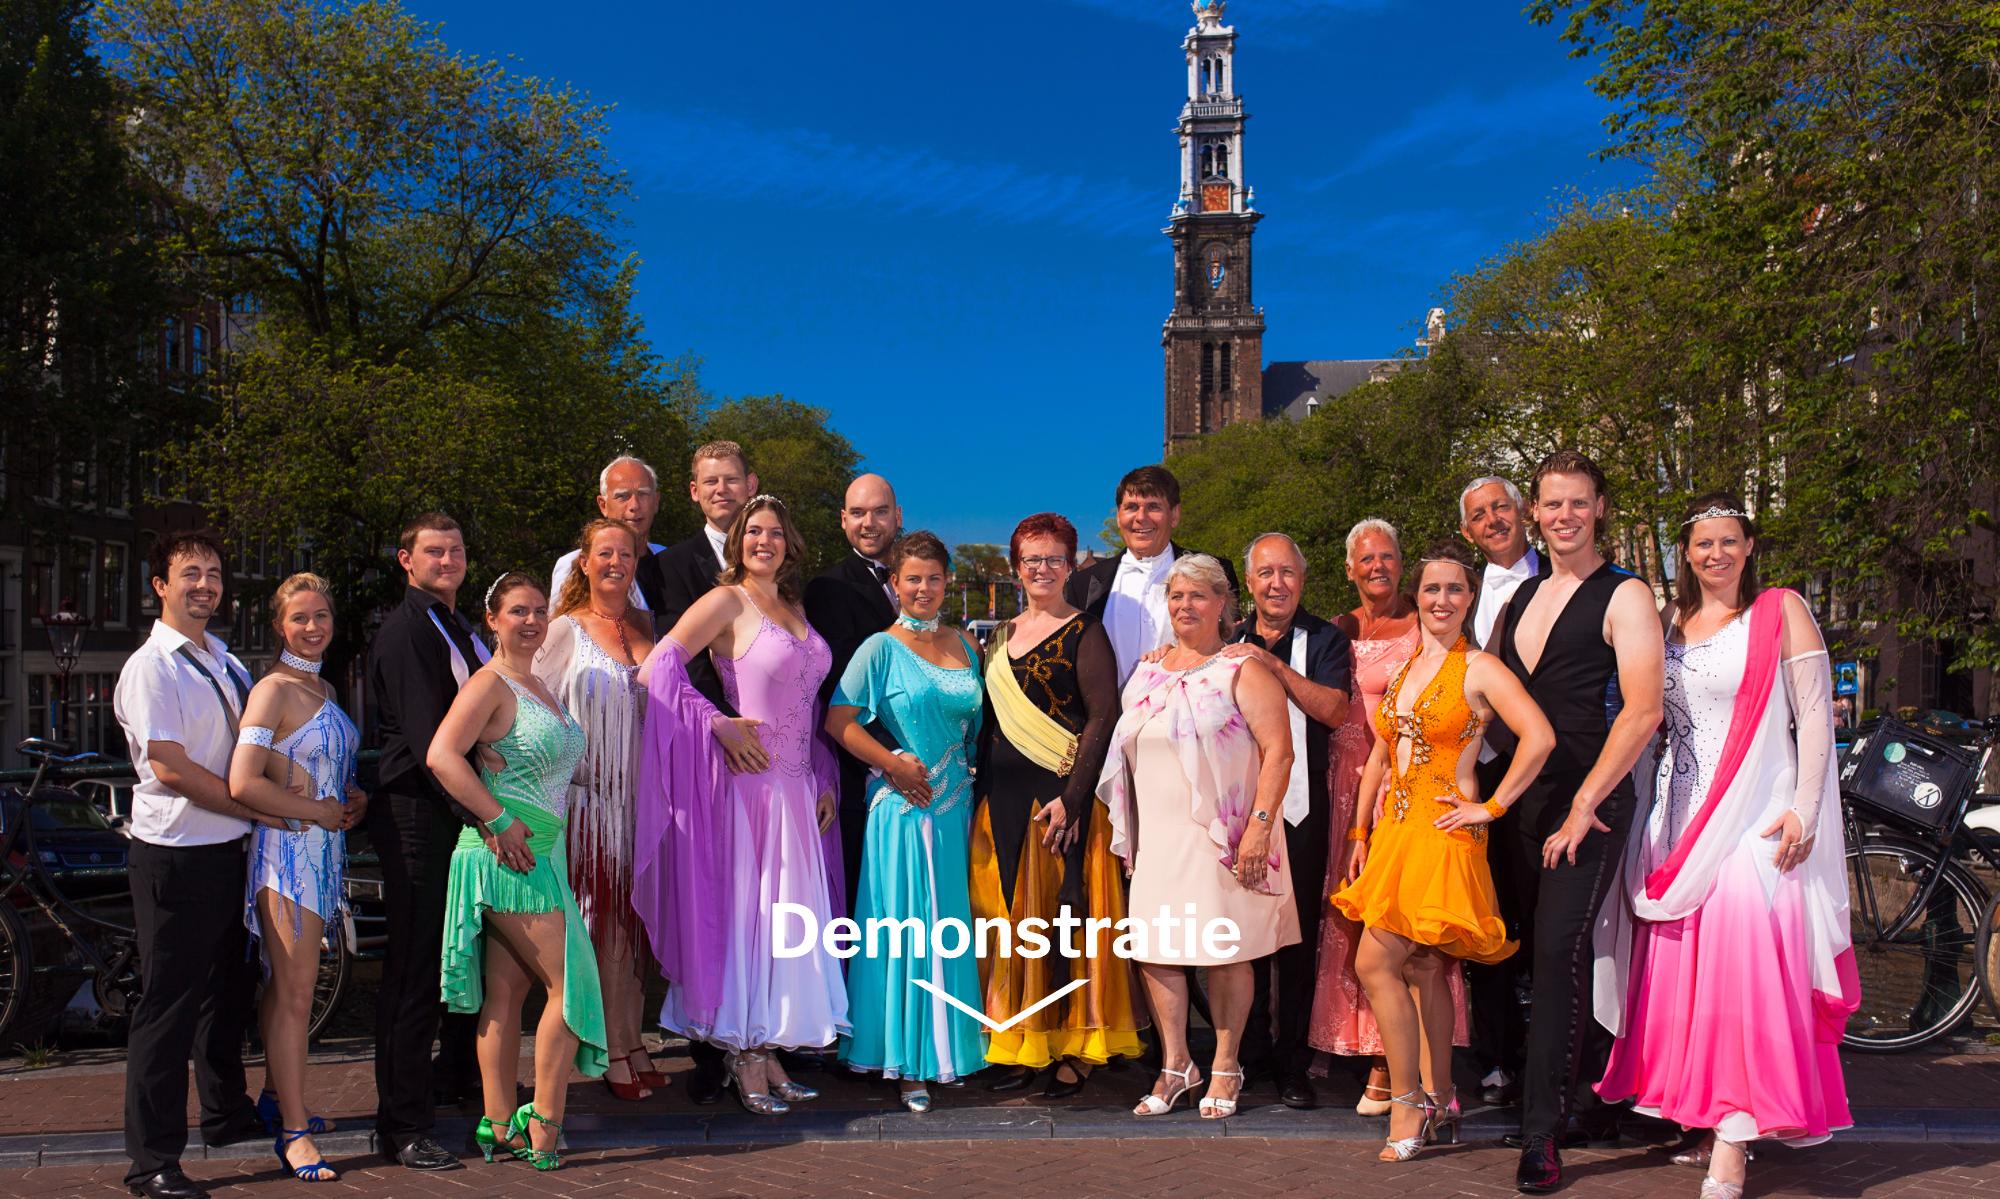 Demonstratie for Demonstratie amsterdam